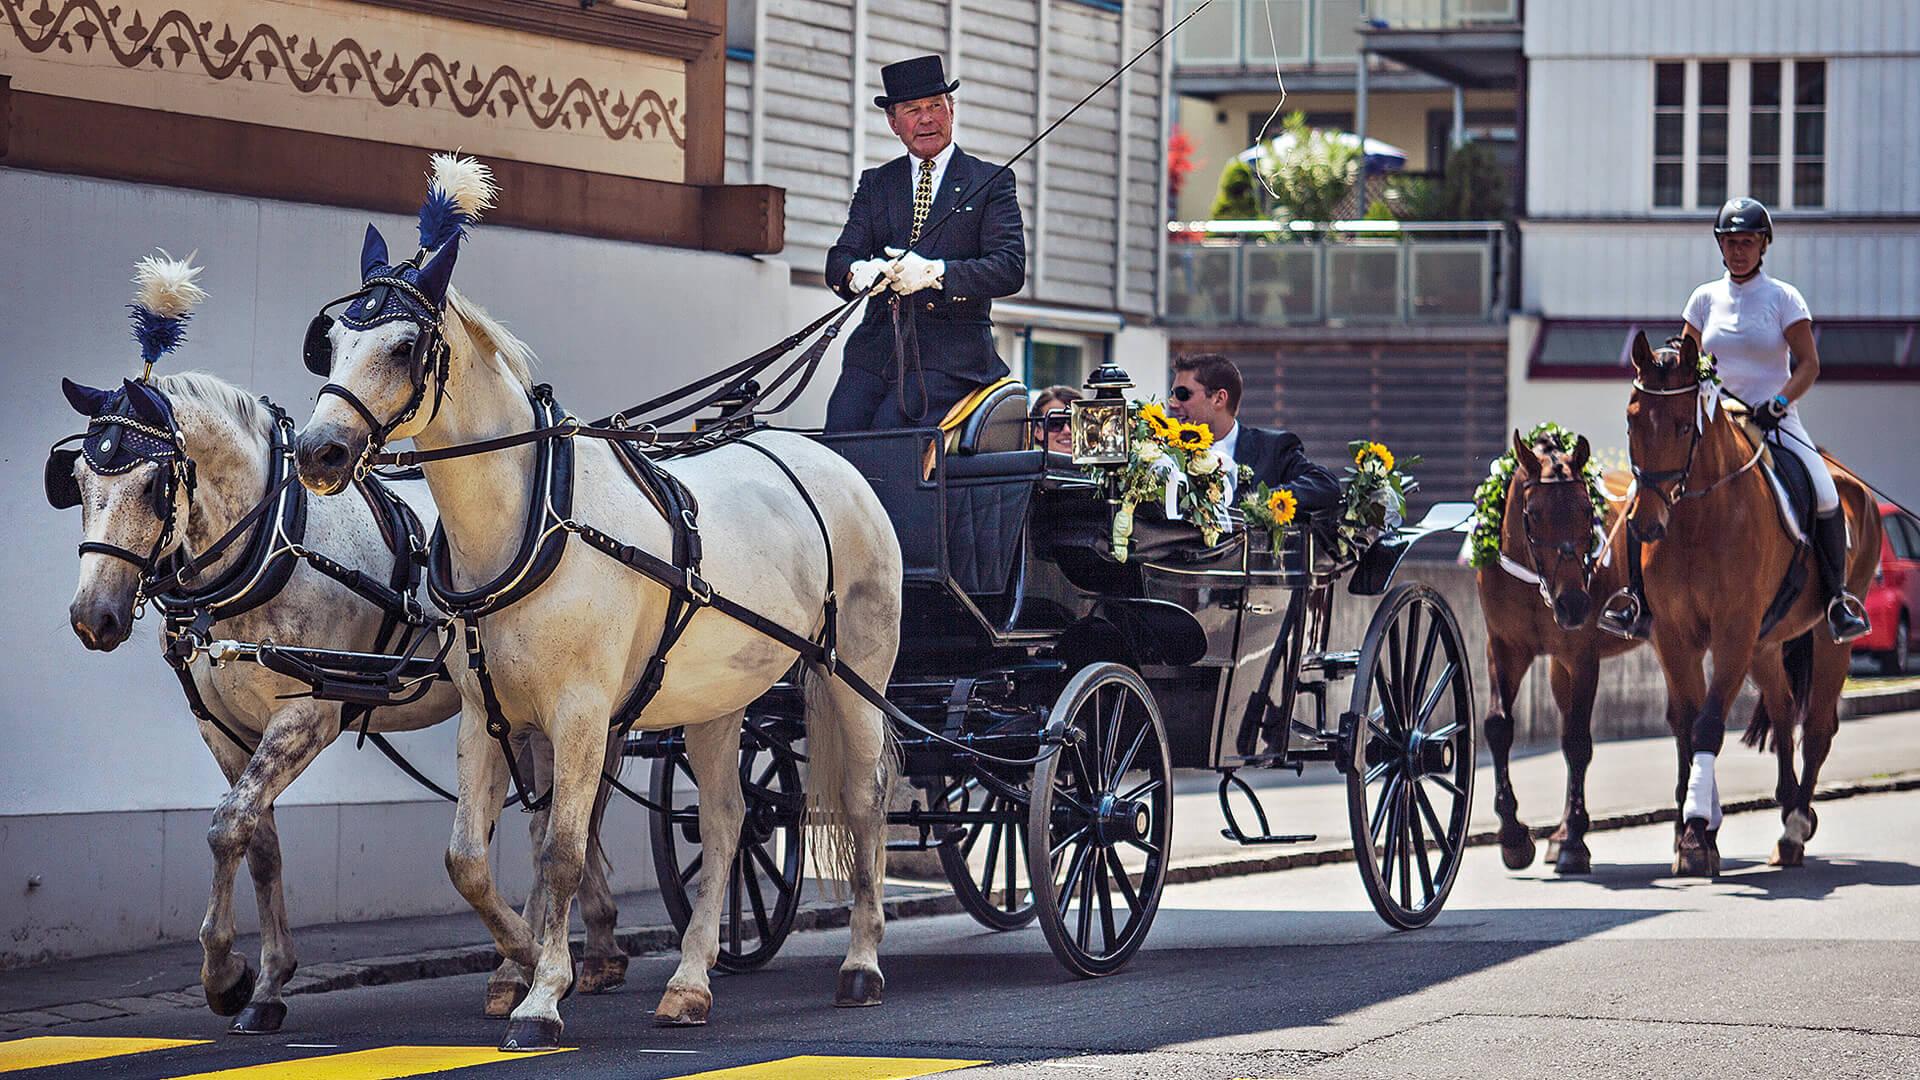 interlaken-reitschule-voegeli-kutsche-pferde